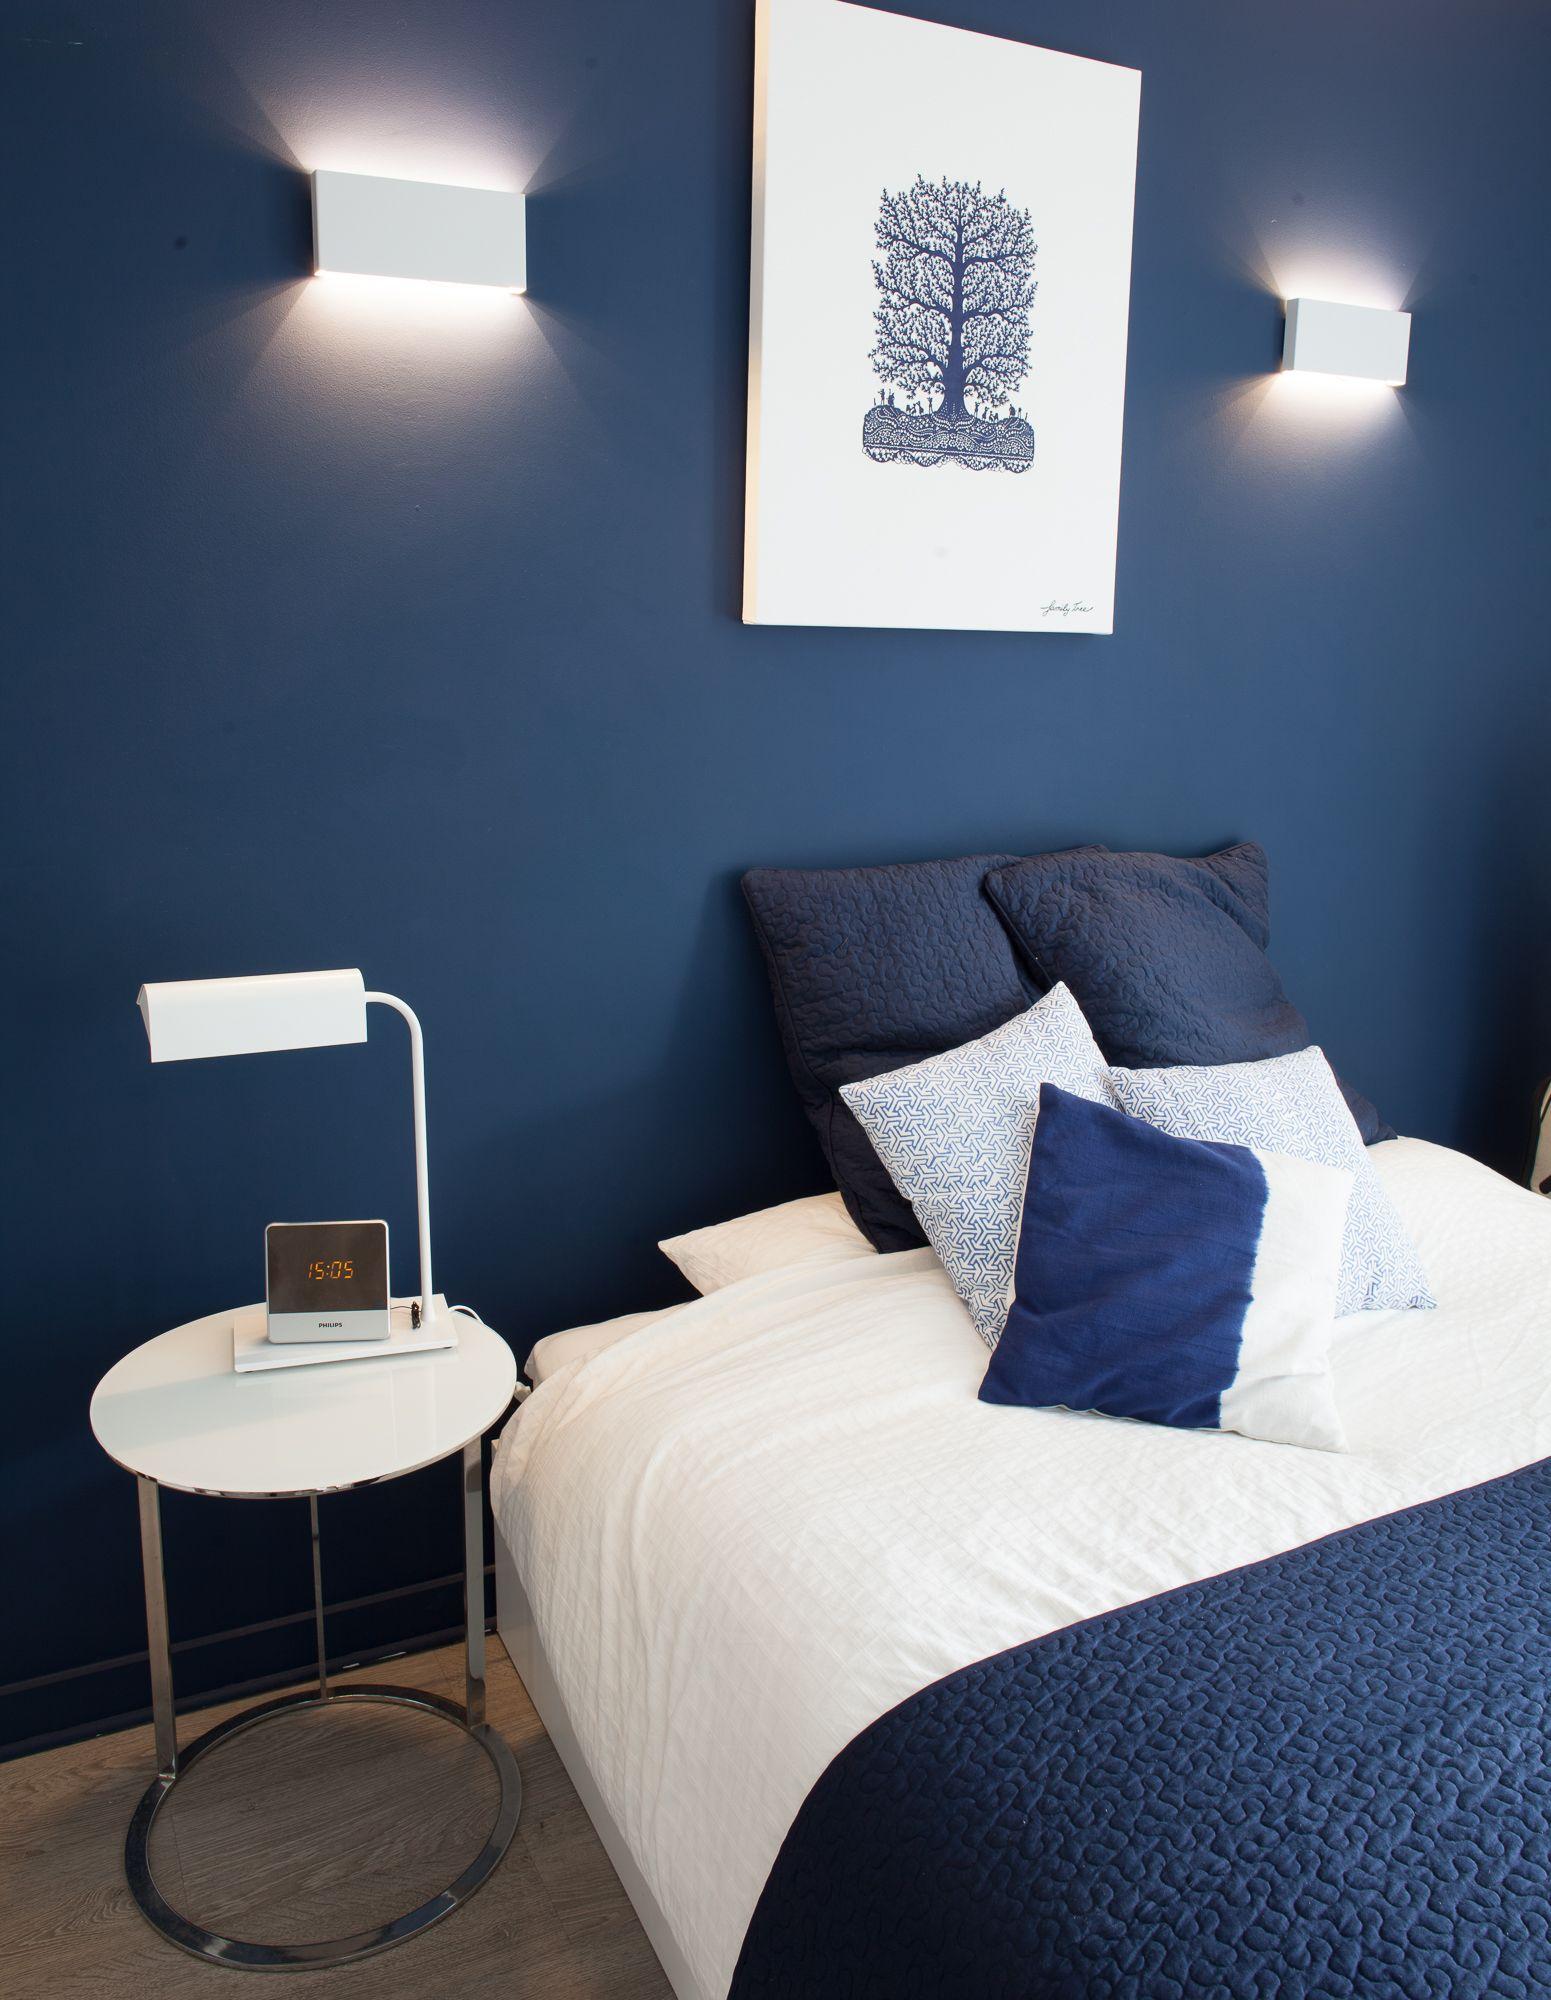 vous vous lancez dans la d coration d 39 une chambre aur lie h mar vous conseille sur les couleur. Black Bedroom Furniture Sets. Home Design Ideas